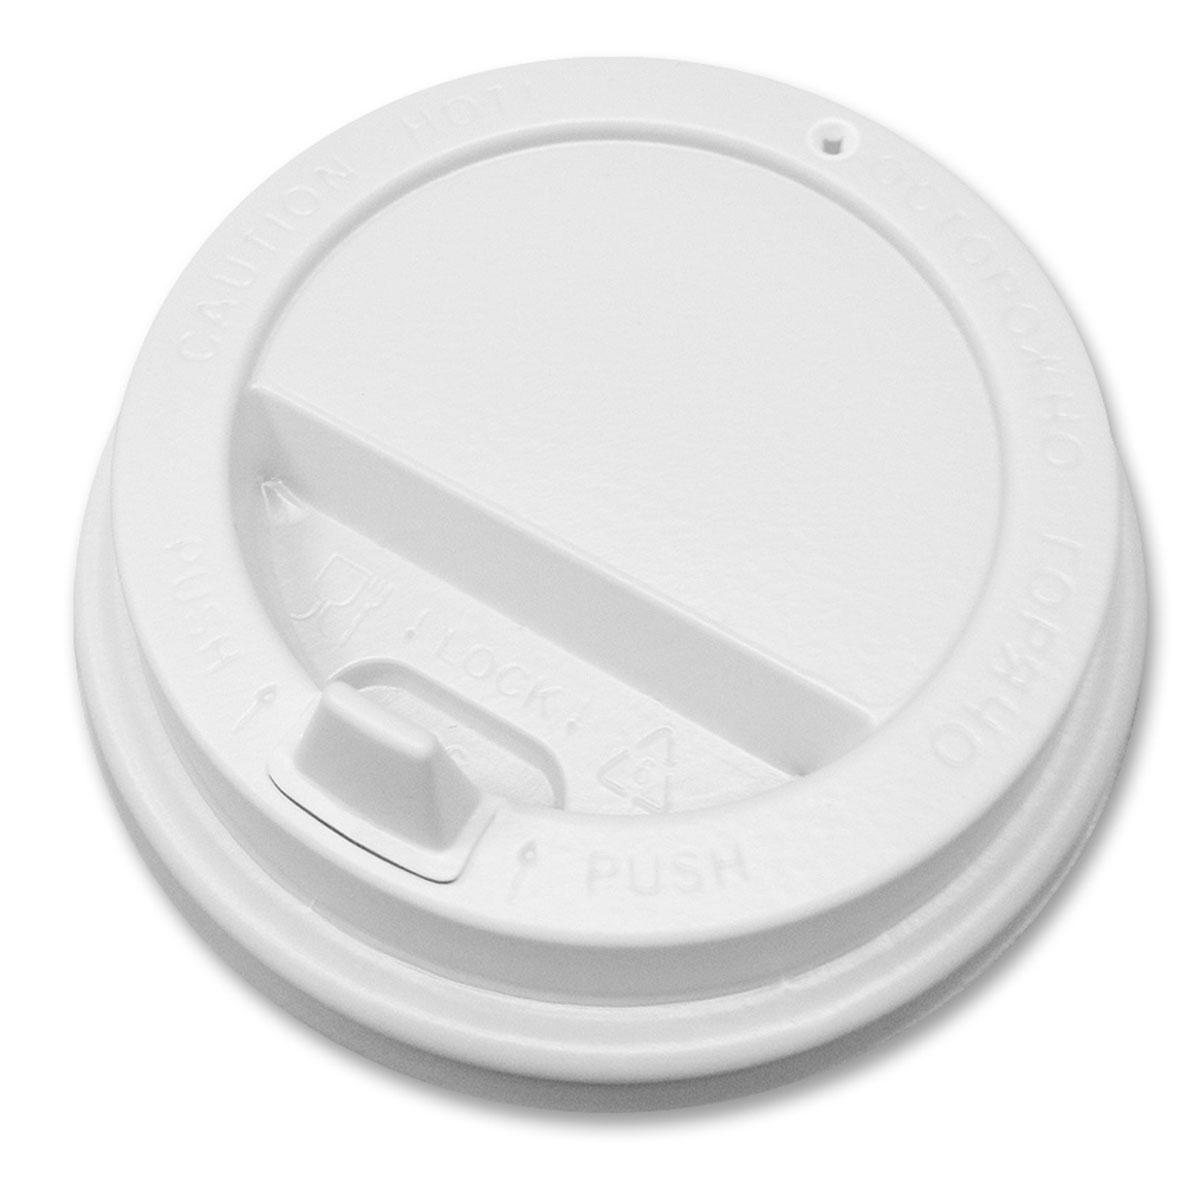 Крышка одноразовая Протэк, с носиком, цвет: белый, диаметр 7,3 см, 100 штПОС31997Крышка одноразовая Протэк предназначена для пластиковых кружек и стаканчиков объемом 180 мл. Крышка плотно надевается на стакан и не допускает проливания жидкости. Изделие дополнено удобным носиком, через который можно пить, не снимая крышку со стакана.